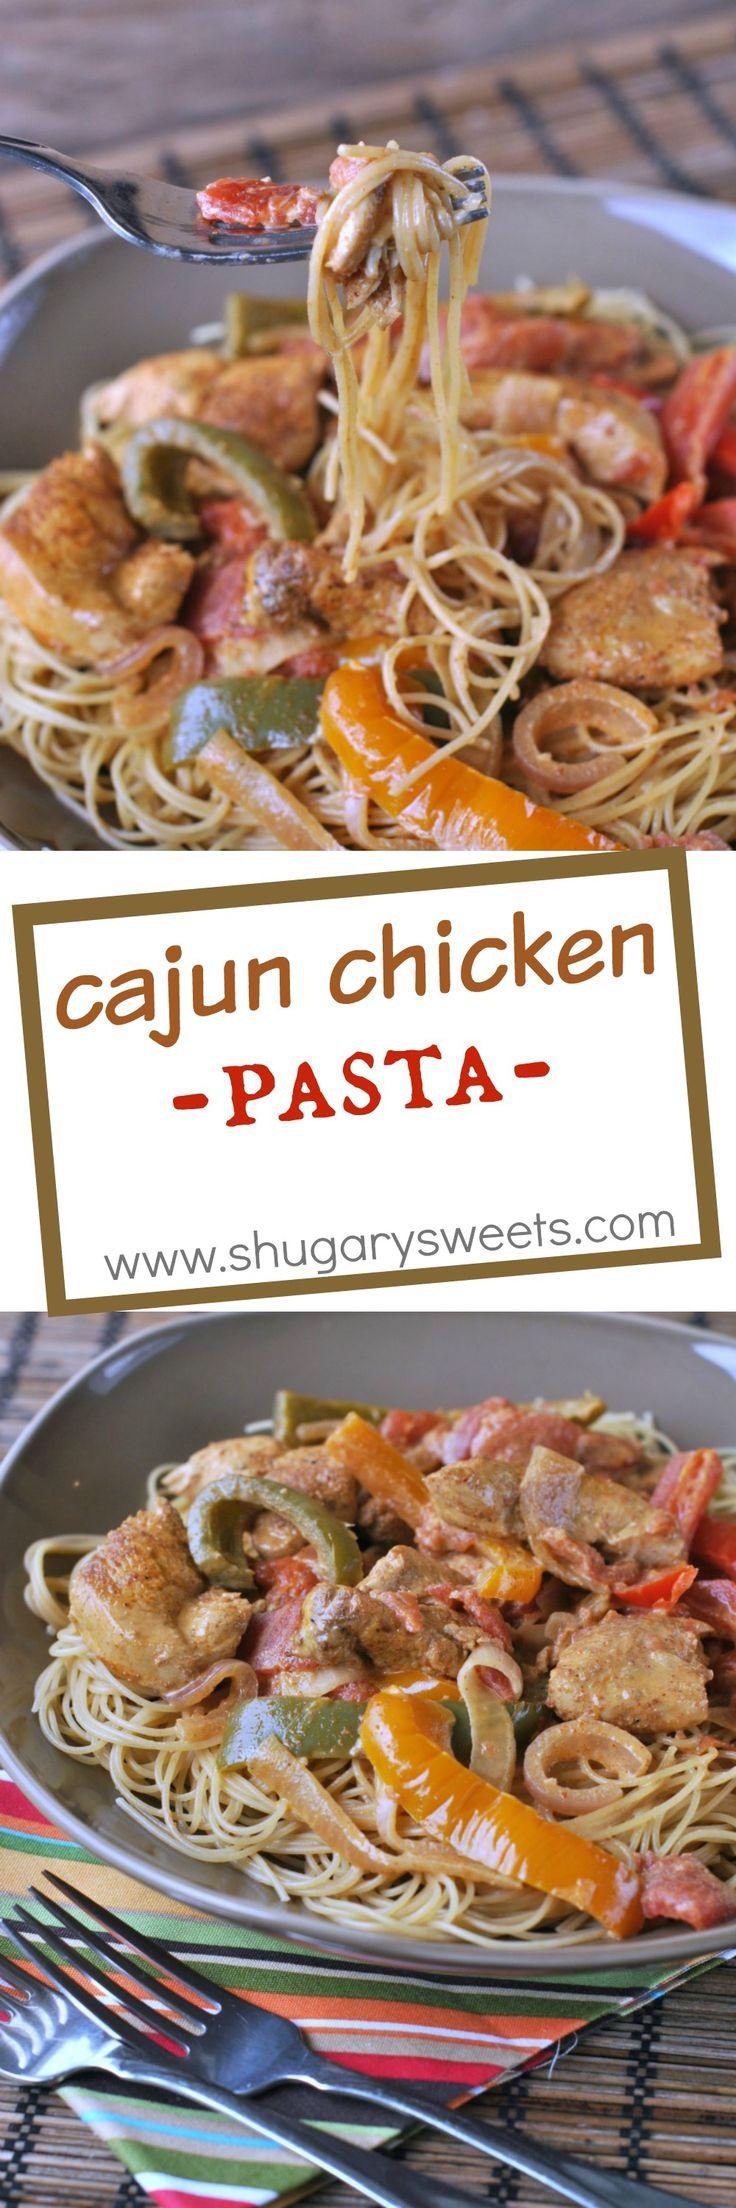 2758 Best Cajun Images On Pinterest | Cajun Recipes, Seafood Recipes And  Recipes